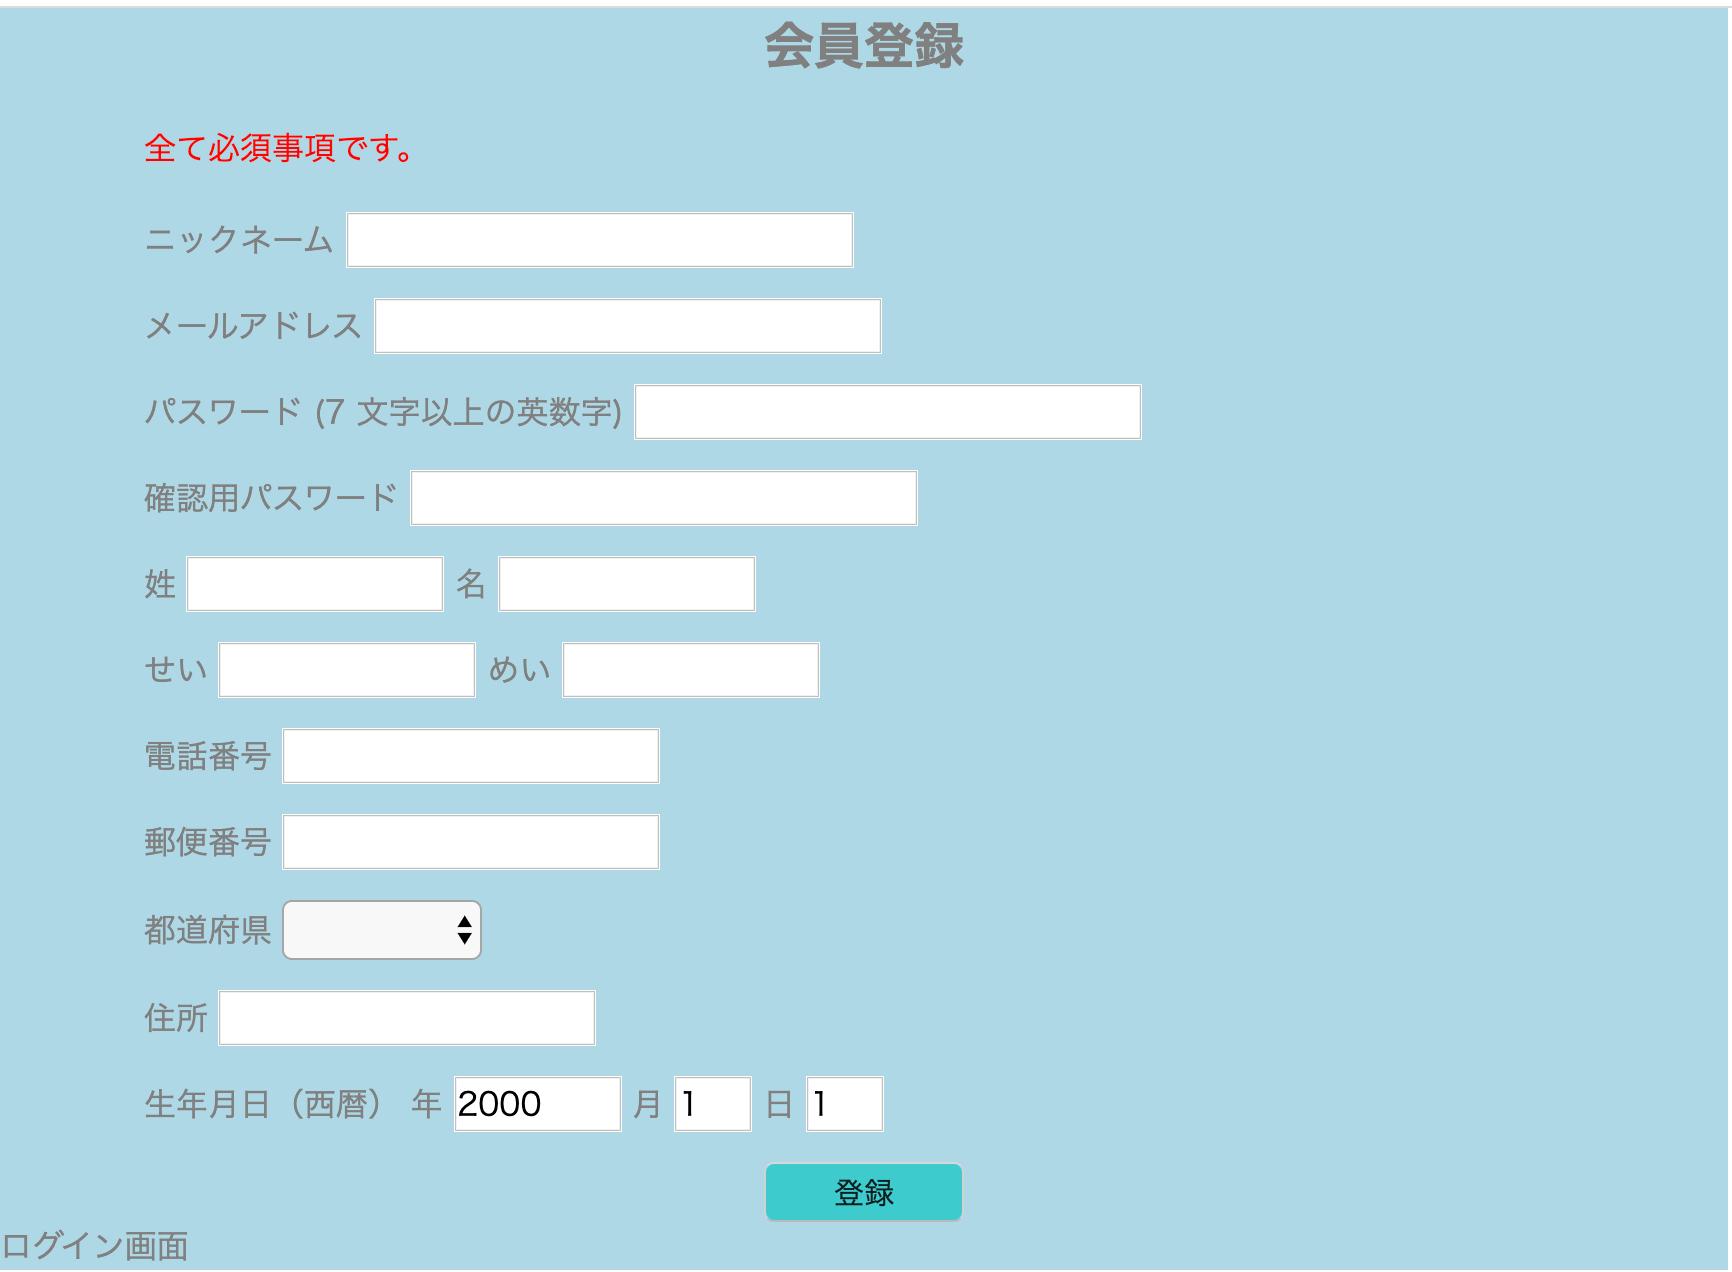 スクリーンショット 2020-02-24 19.37.41.png